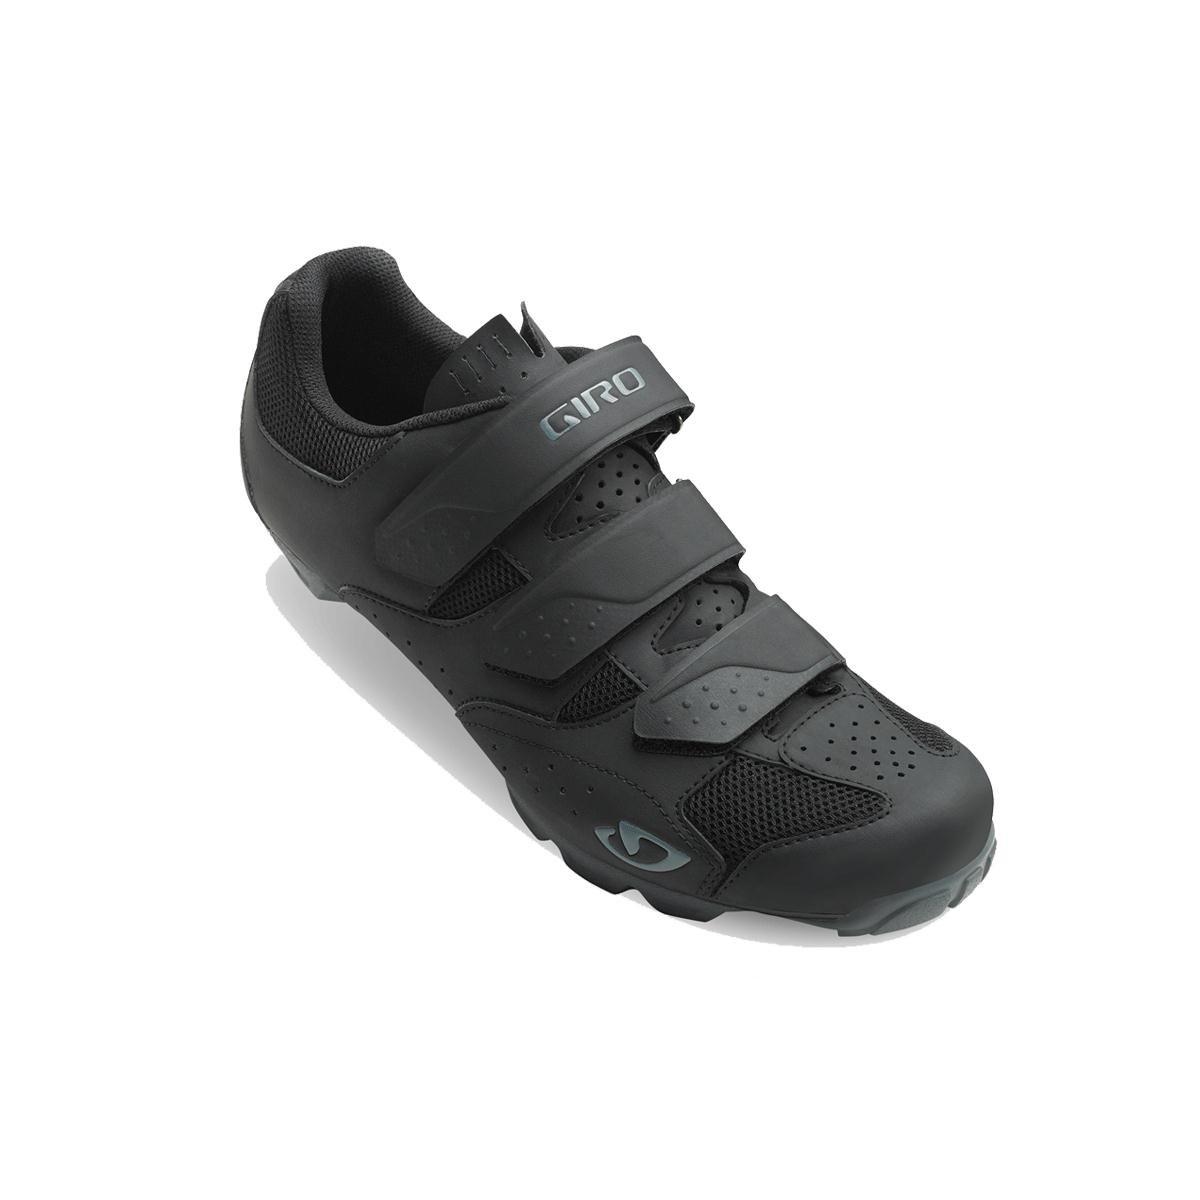 b51936e1498 Amazon.com  Giro Carbide R II Cycling Shoes - Men s  Sports   Outdoors